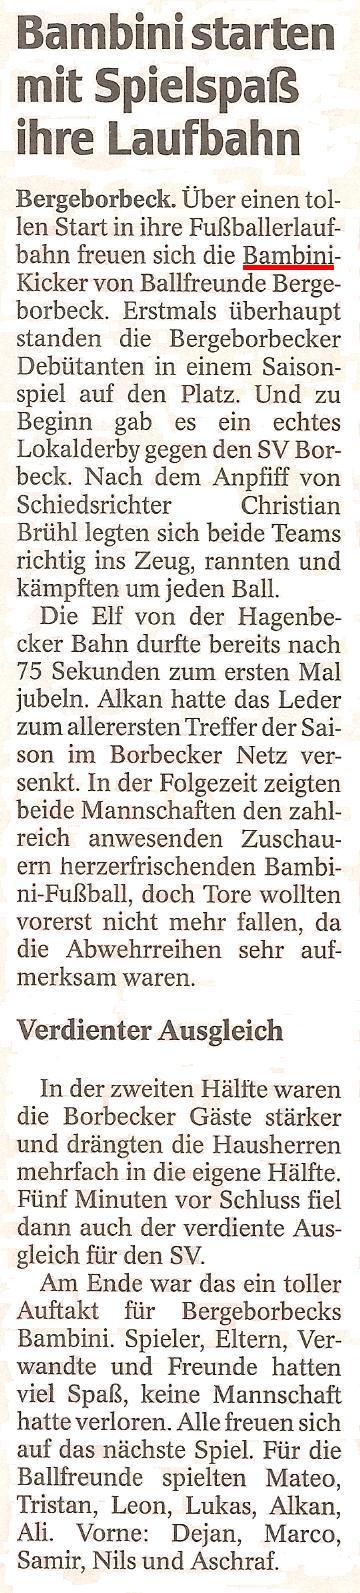 WAZ vom 25.10.2010 berichtet über das erste Spiel der Bambinimannschaft von Ballfreunde Bergeborbeck